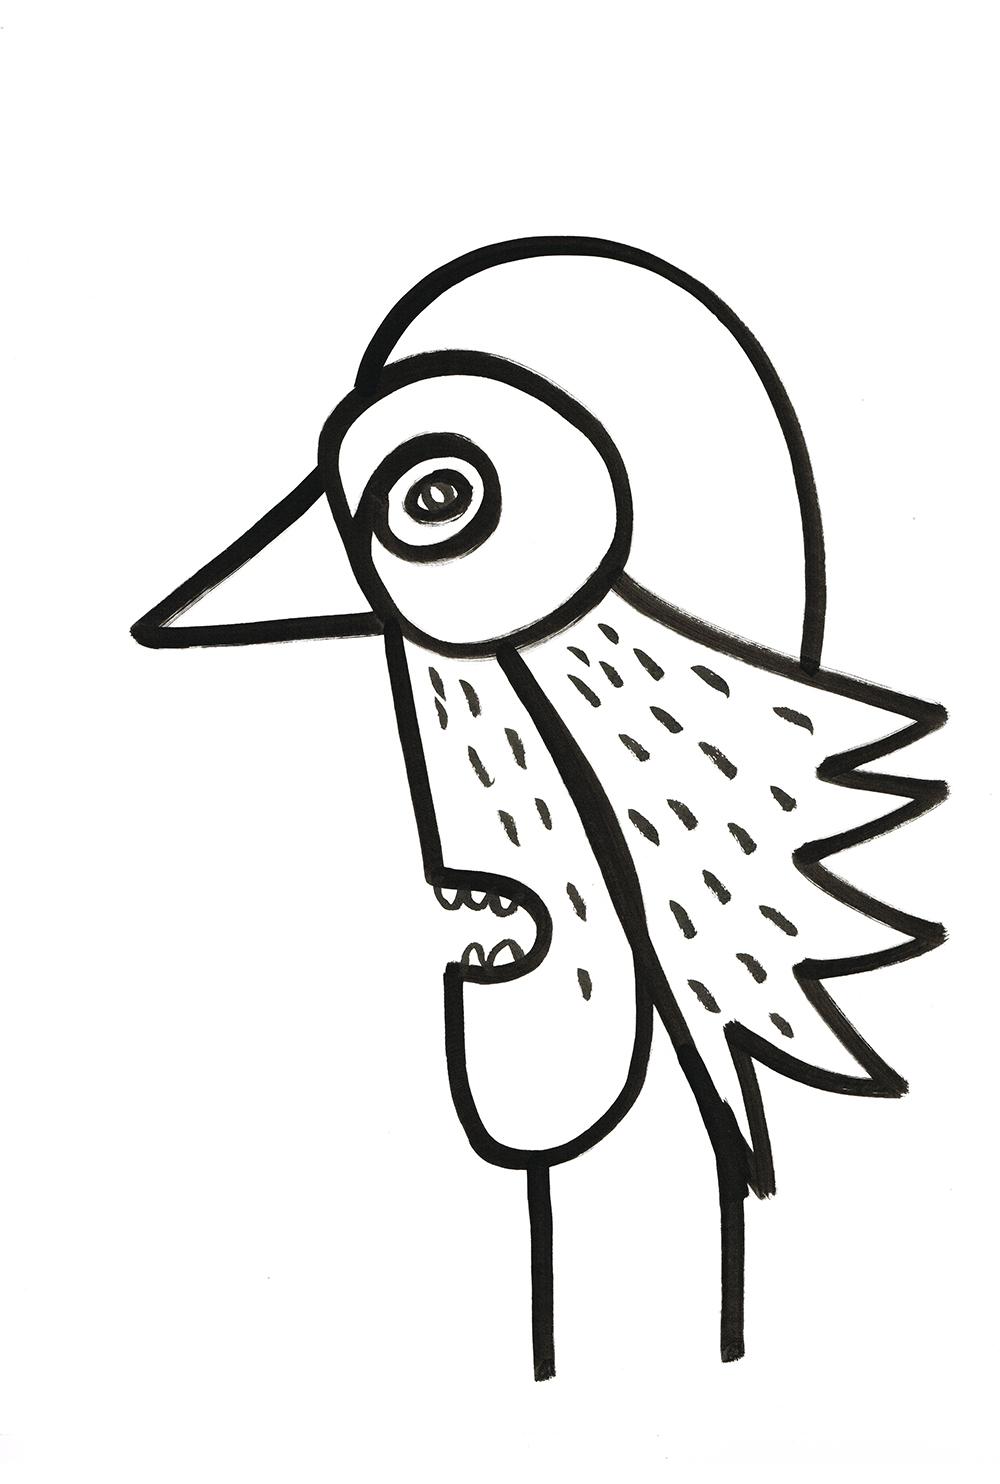 WeAreThe Birds 13web.jpg